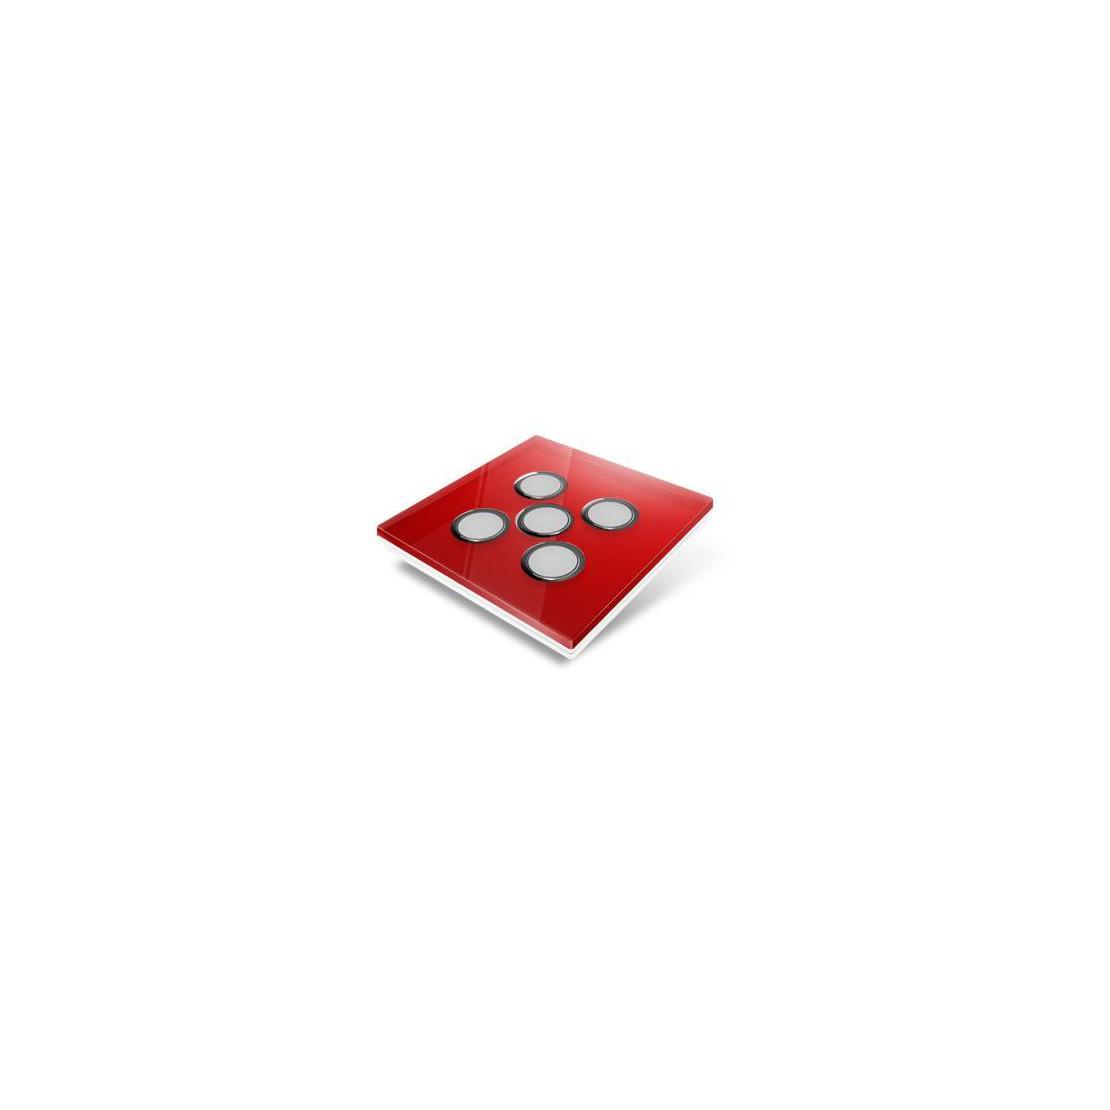 Plaque de recouvrement pour interrupteur Edisio - crystal Rouge